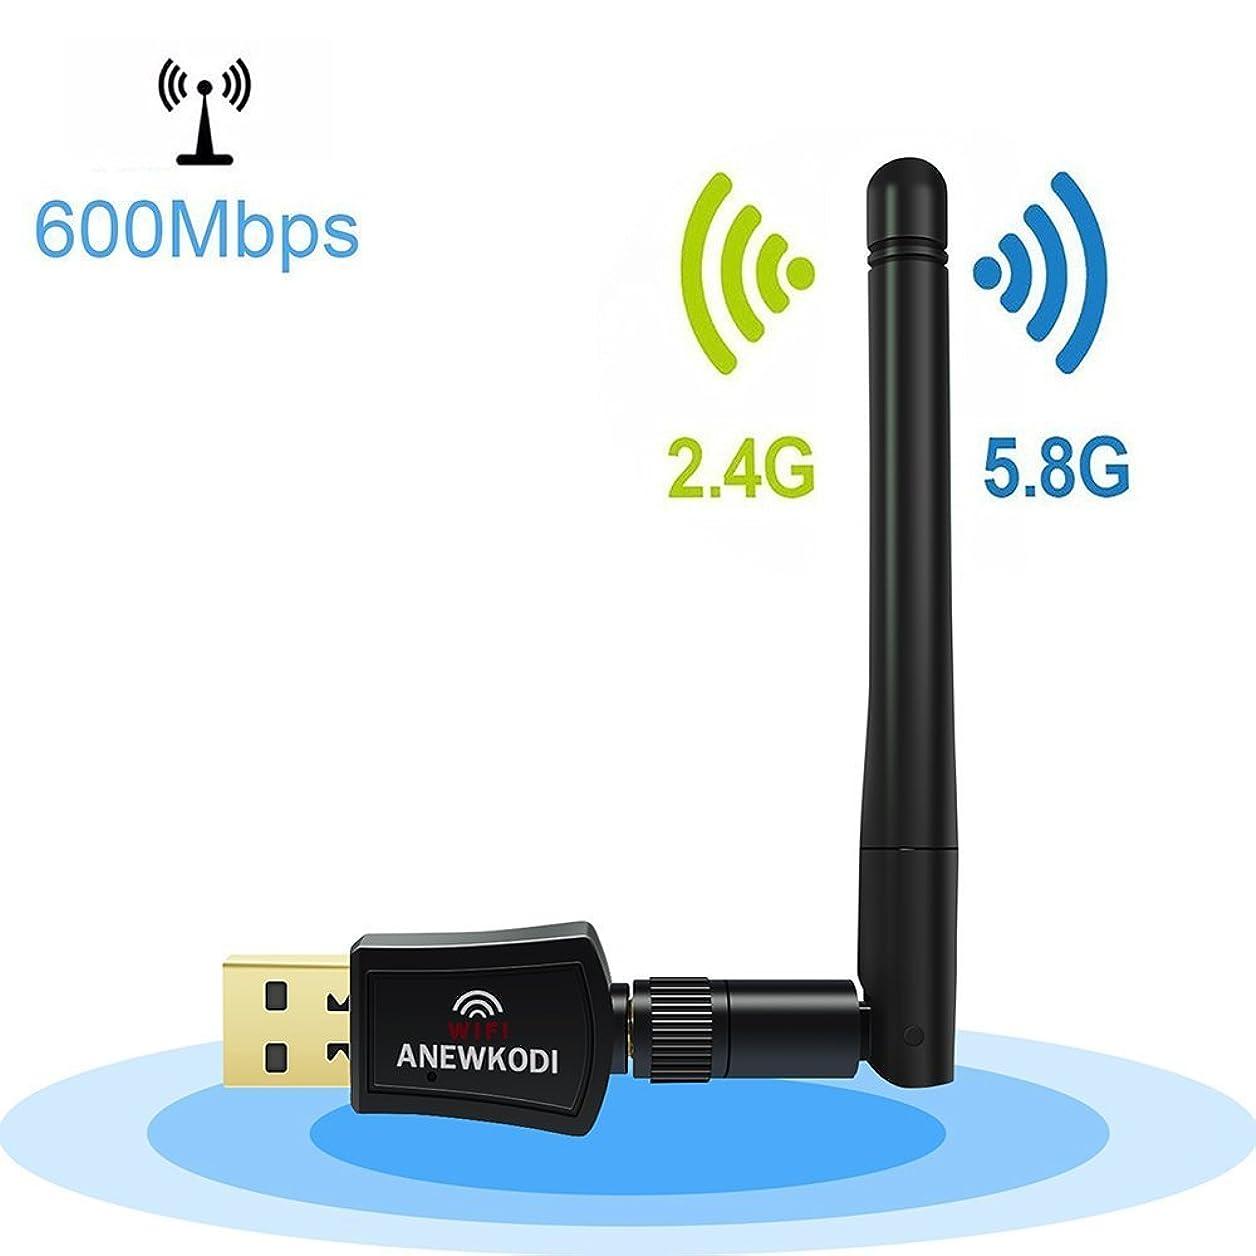 のぞき見思いつくコアANEWKODI WIFI 無線LAN 子機 AC600 11ac対応 デュアルバンド 5G/433+2.4G/150Mbps ハイパワーアンテナ型